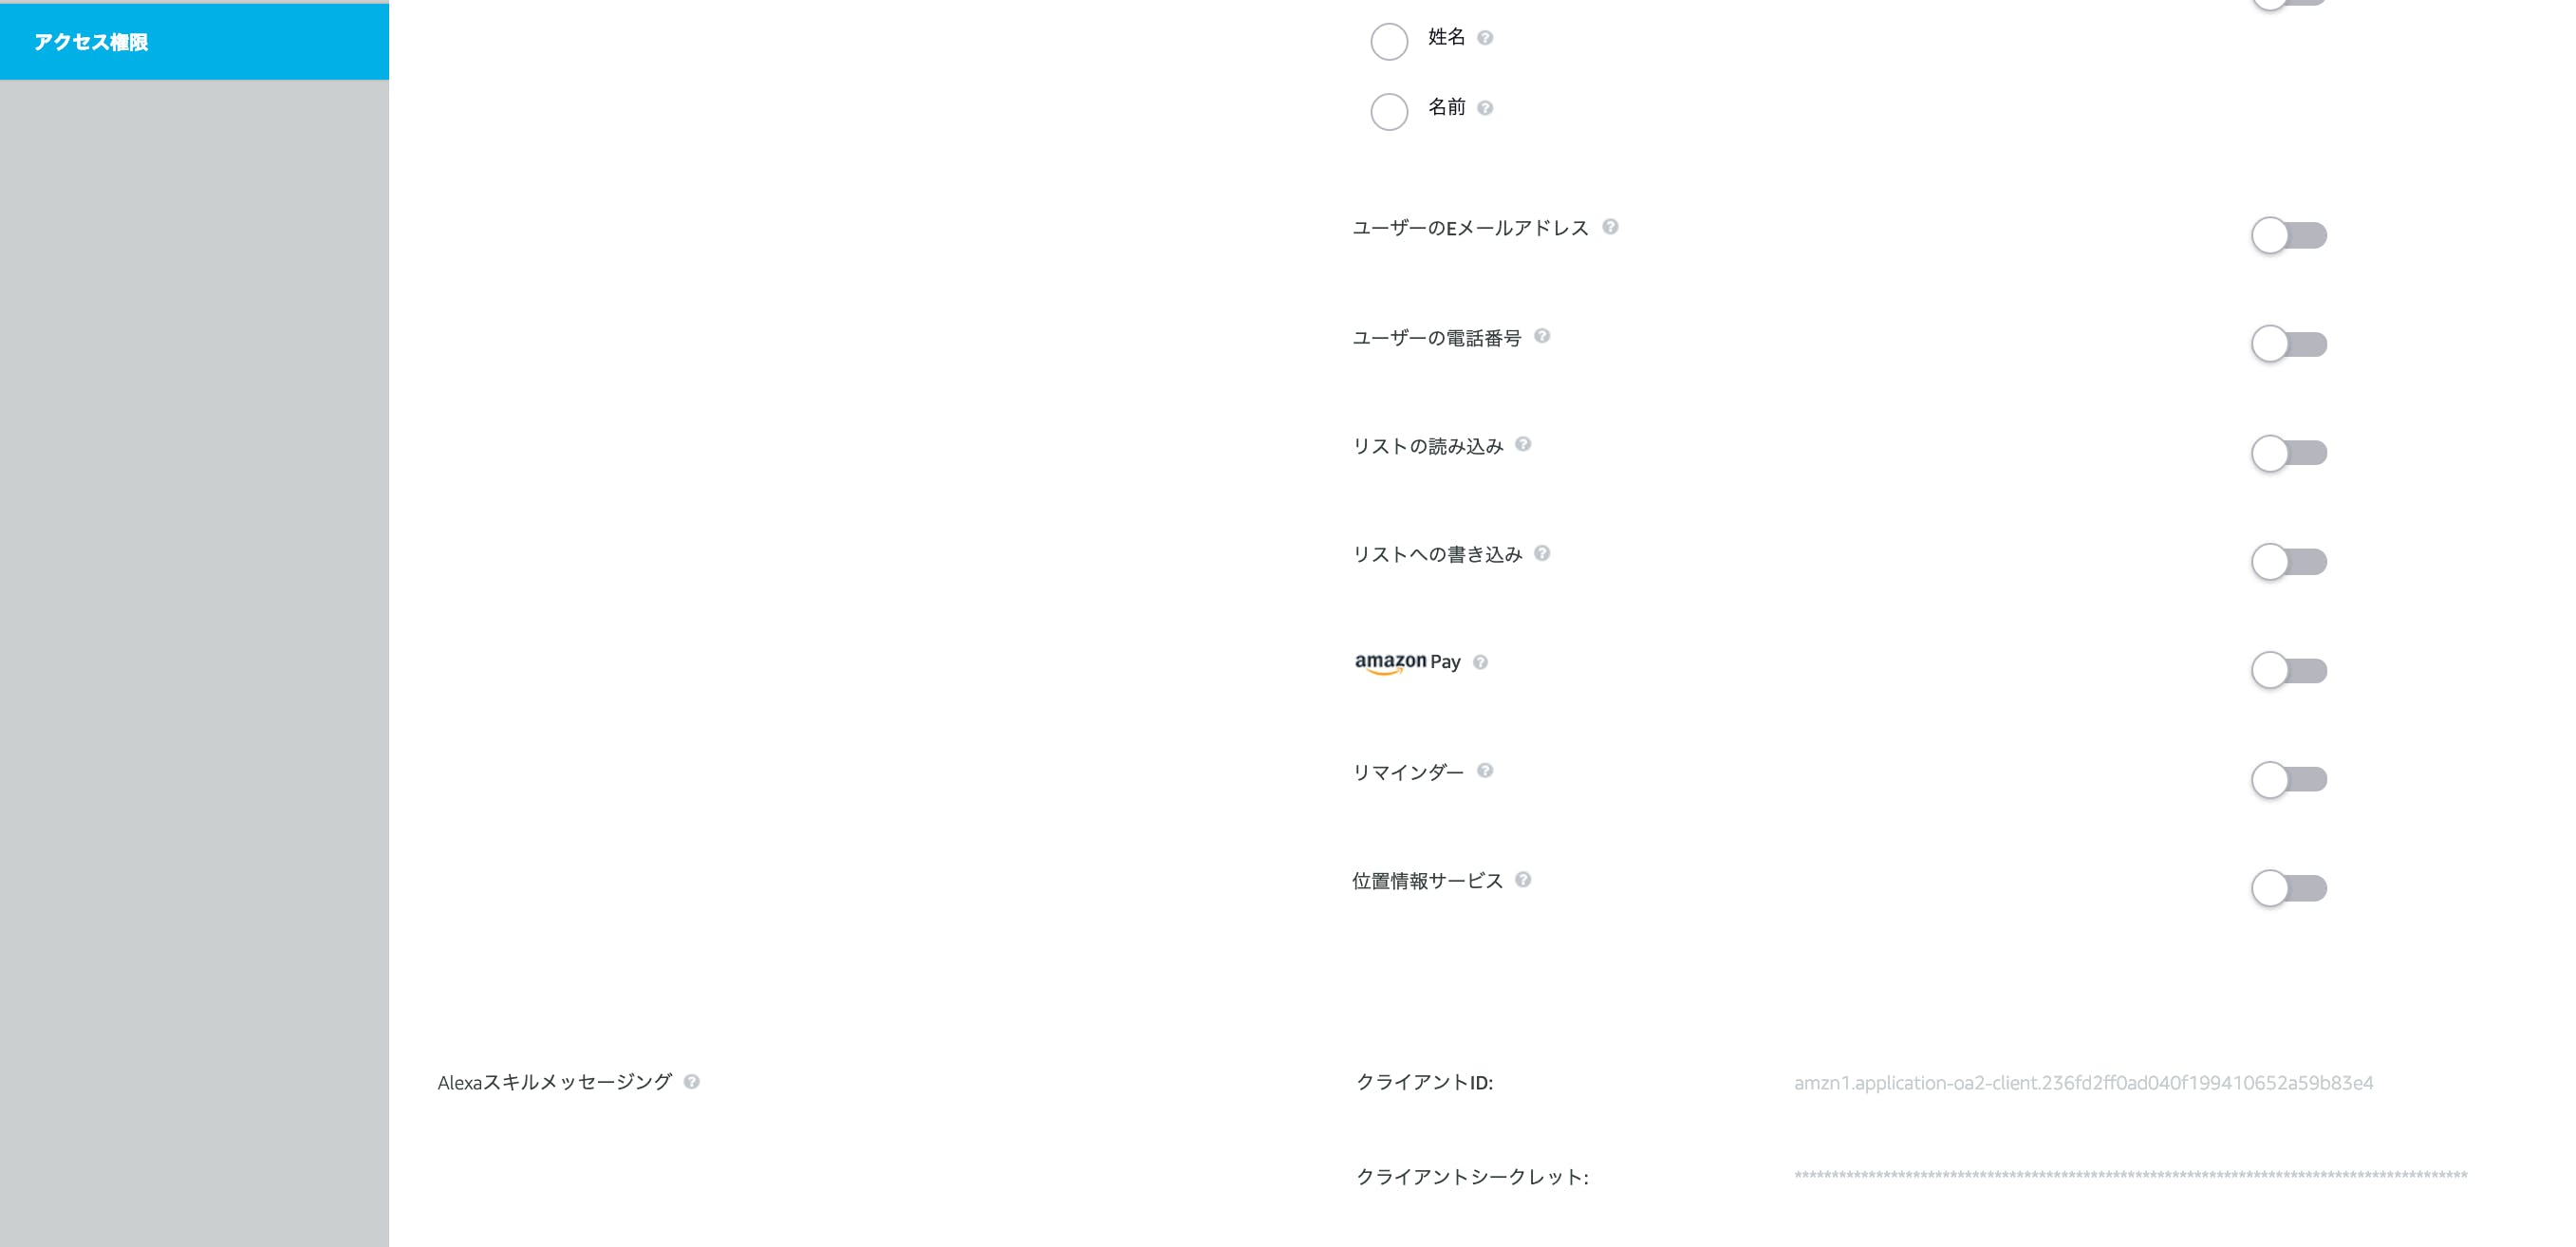 スクリーンショット 2019-03-05 10.50.41.png